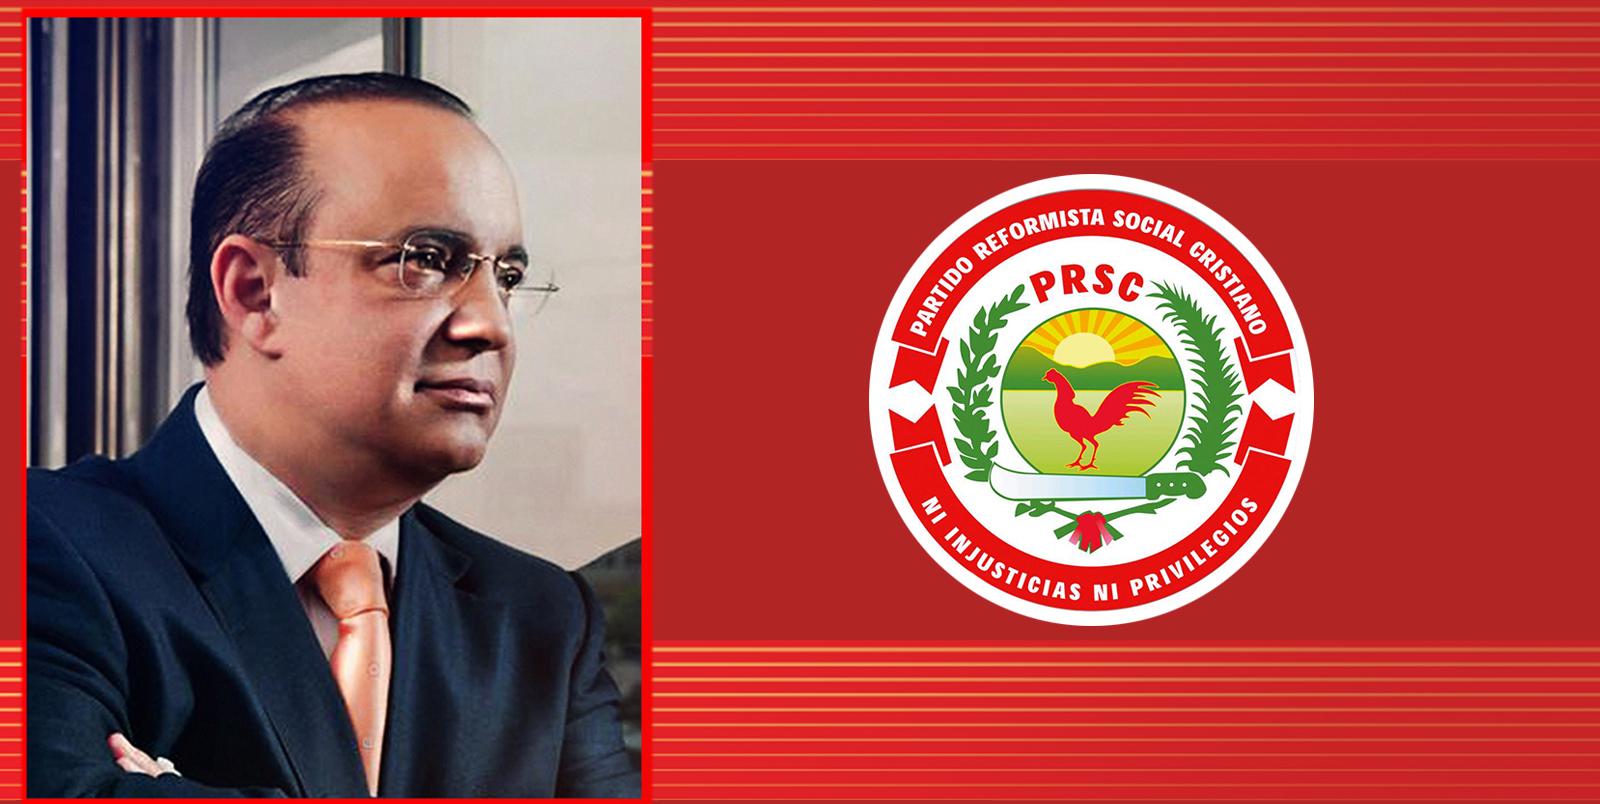 PRSC pide casilla para que se vote en blanco